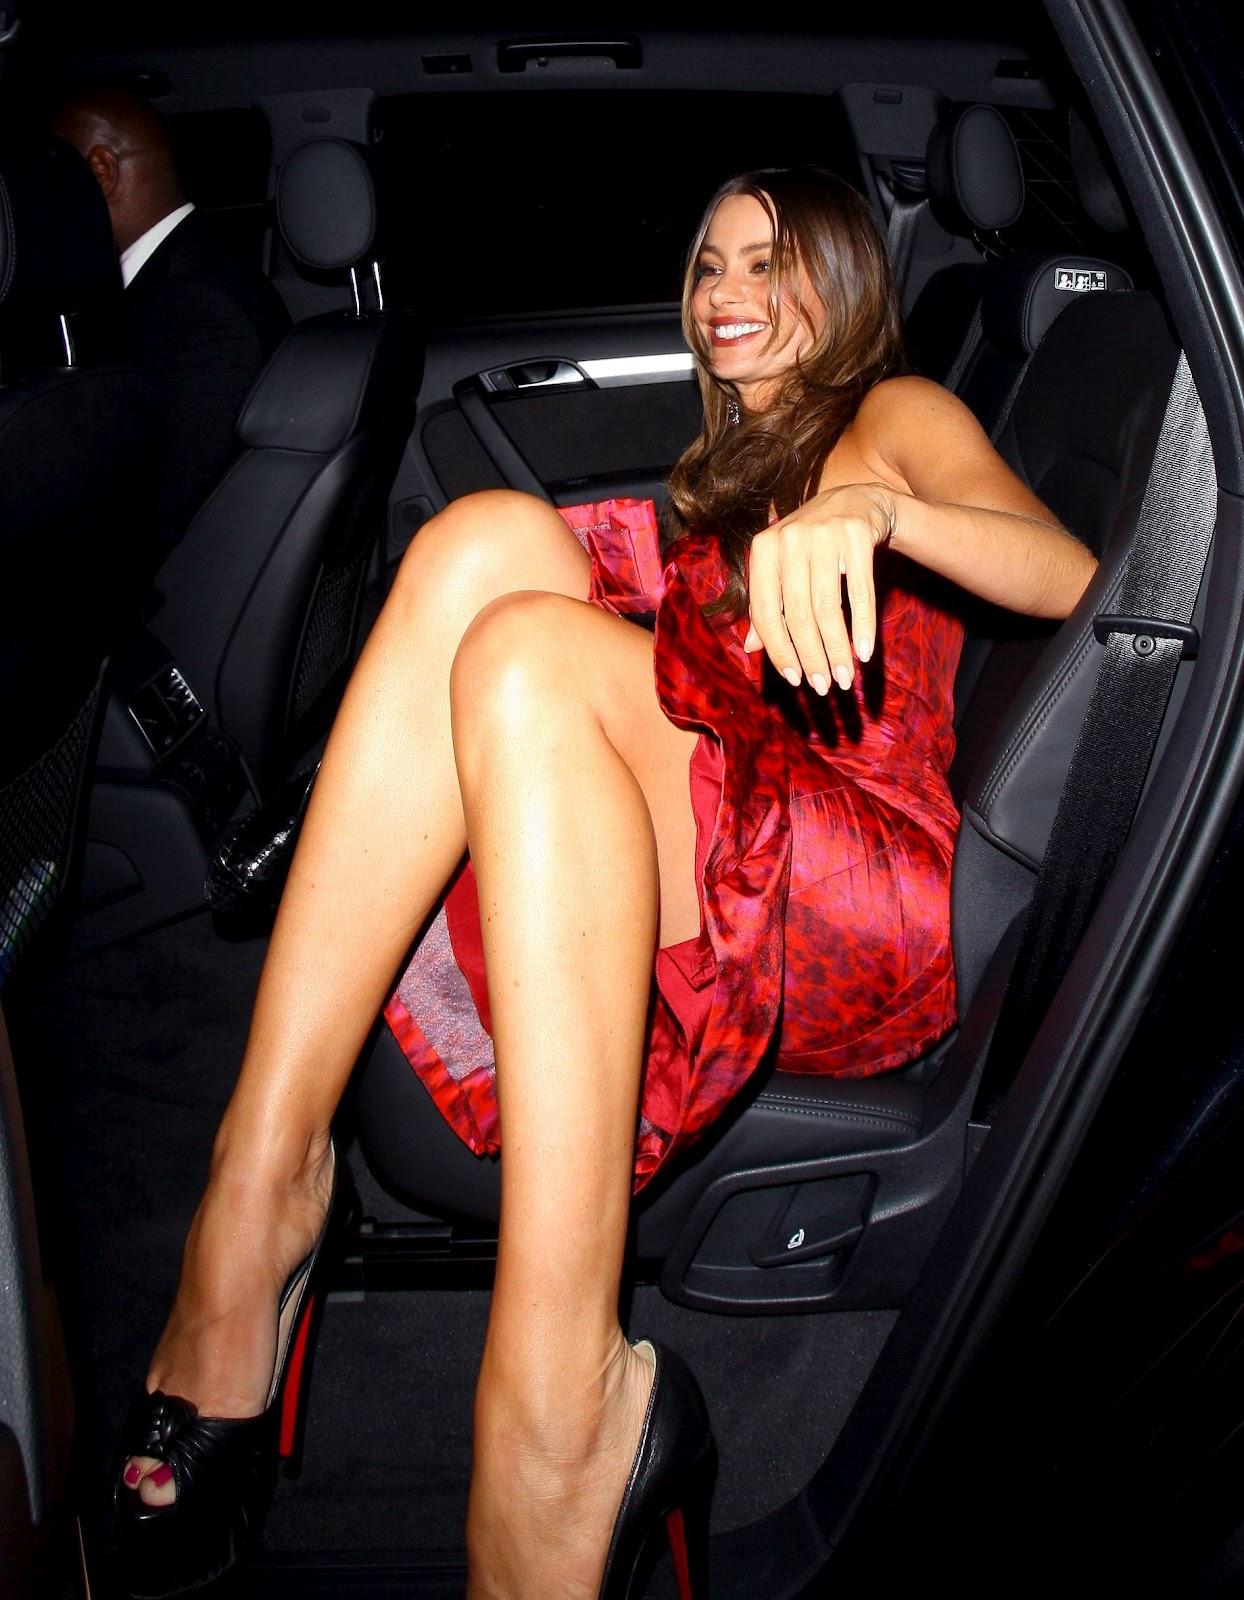 http://2.bp.blogspot.com/-zQNV0jy5FDw/UA7gq0Sj0iI/AAAAAAAAA9A/7SMYFBOC0XY/s1600/Sofia-Vergara-Legs.jpg